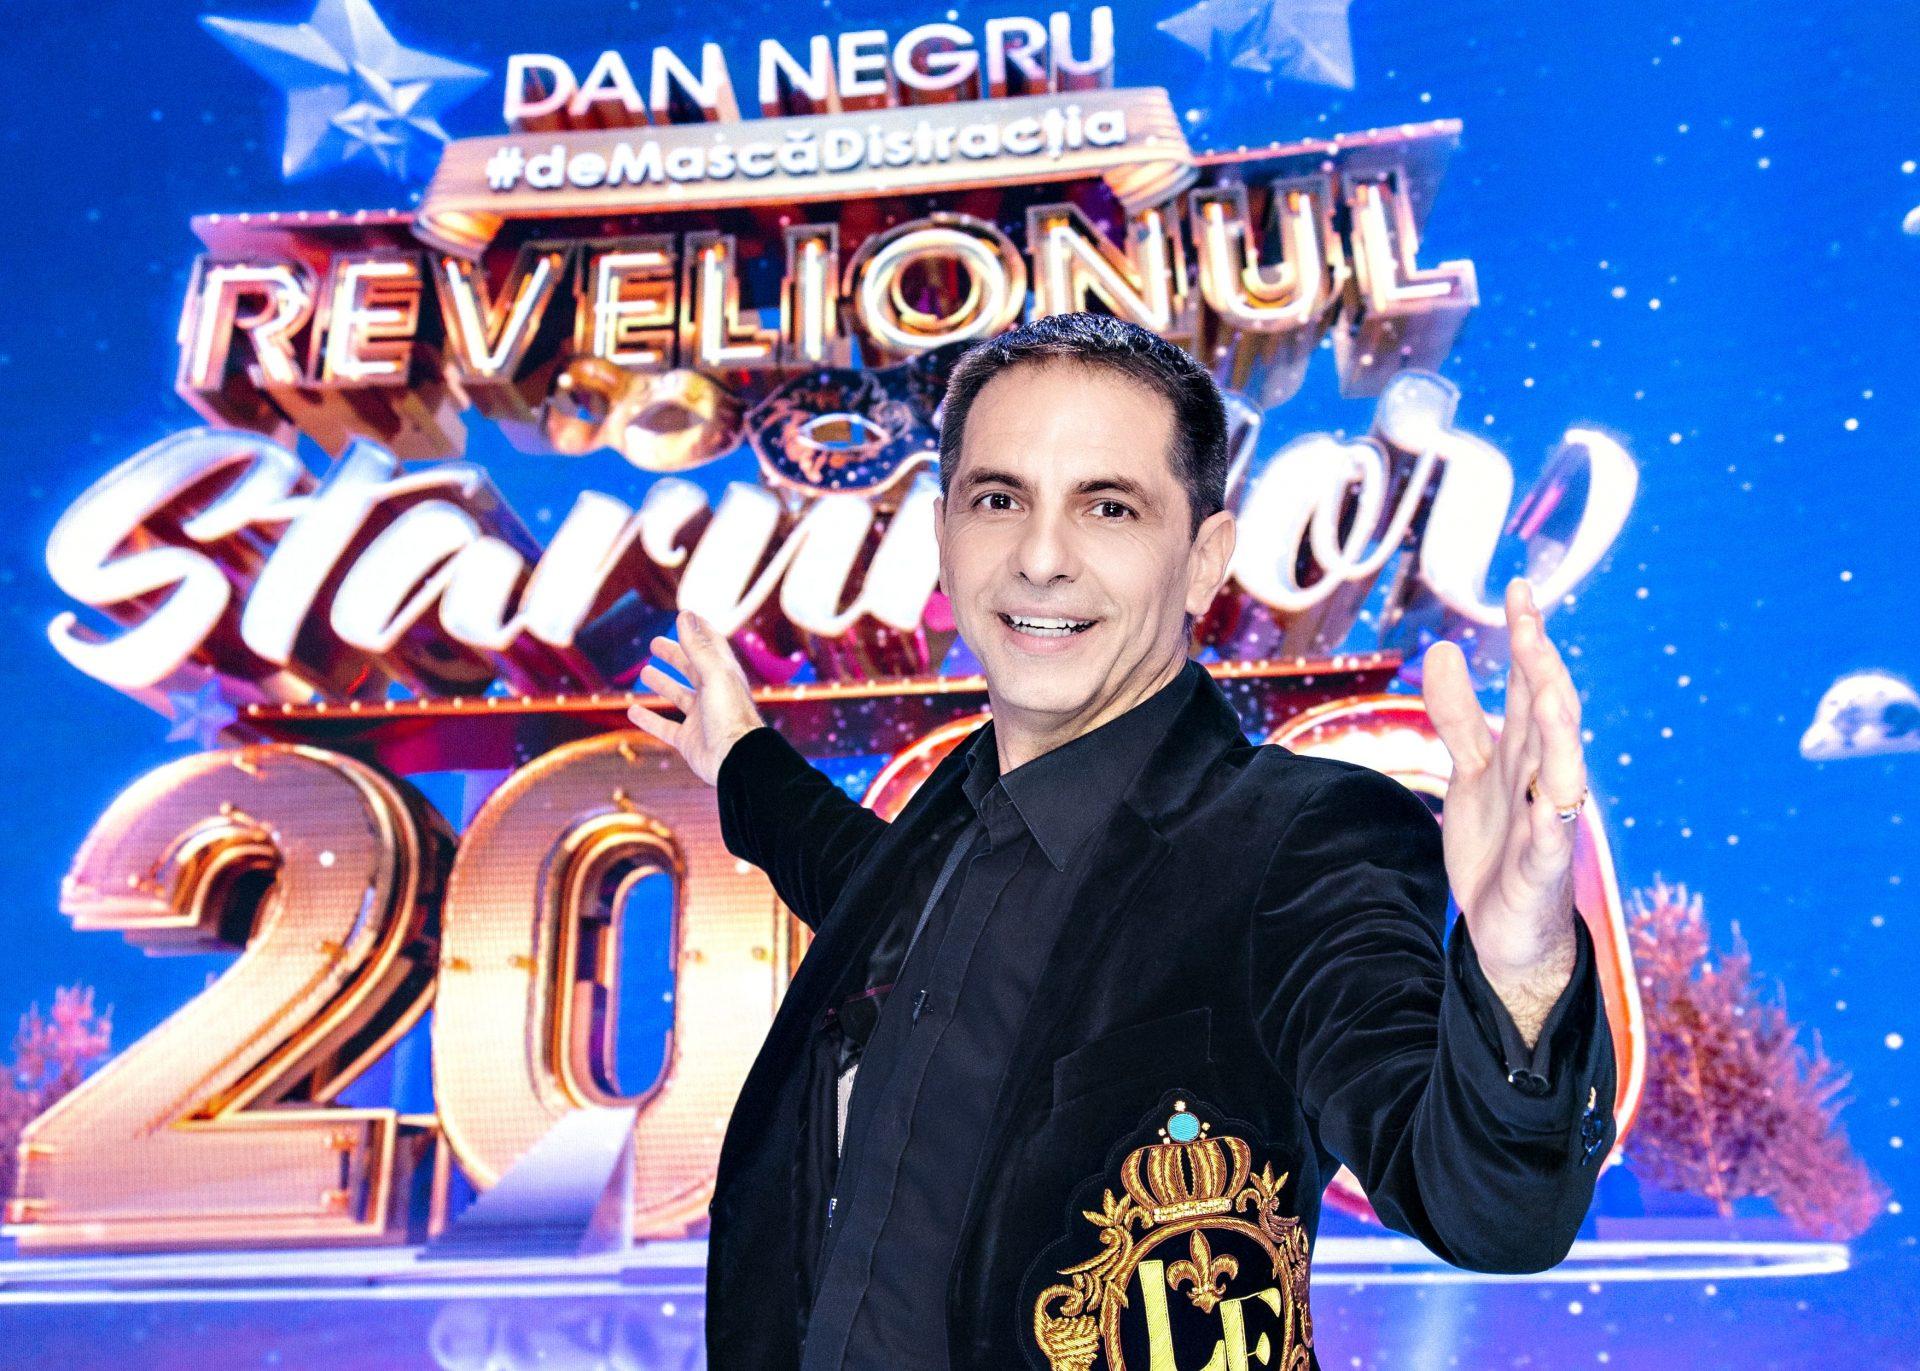 """Cum a schimbat Dan Negru """"cultul"""" Revelionului"""